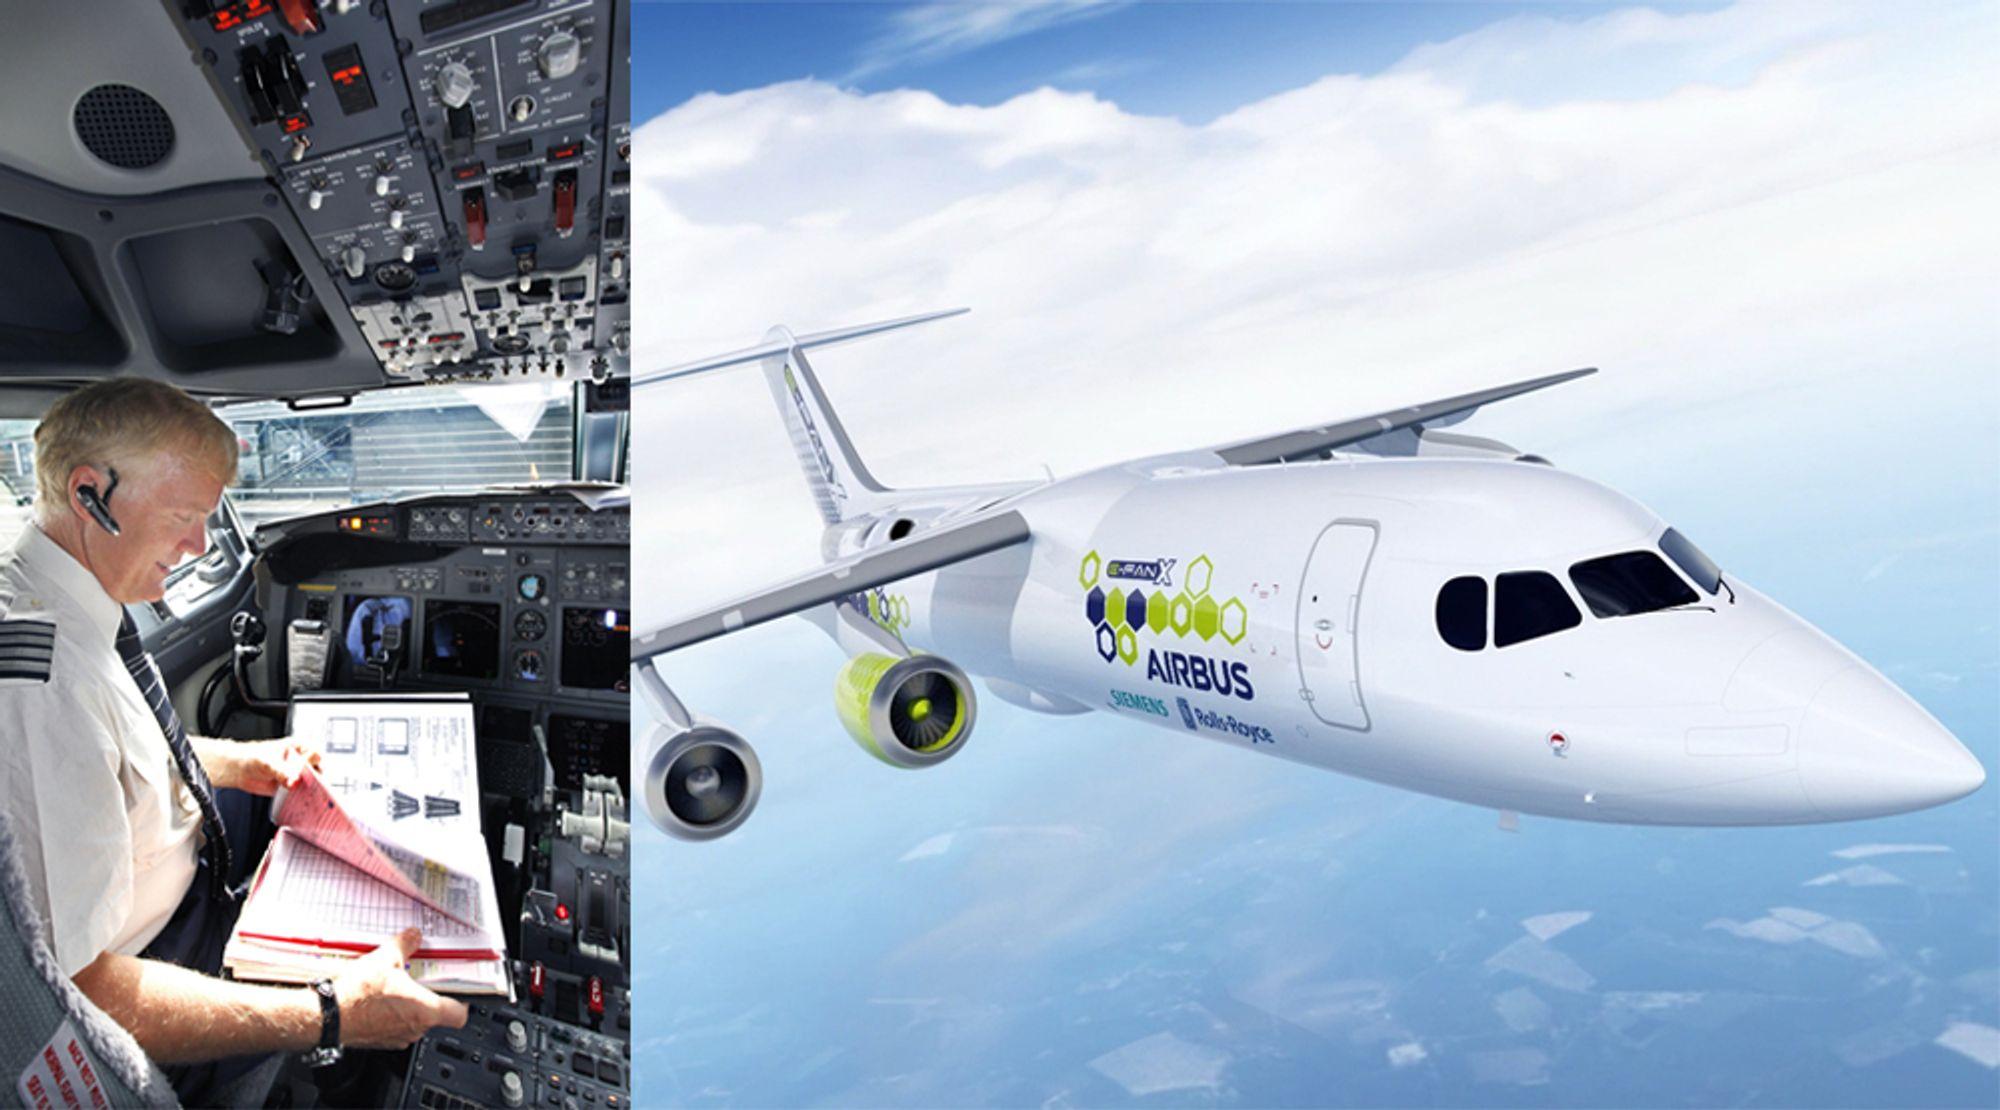 Mener luftfarten blir elektrisk: Kaptein Dag Falk-Pedersen i cockpiten til et fly på Gardermoen i 2009. Til høyre: Det elektriske flykonseptet E-Fan X som bygges i samarbeid mellom Airbus, Siemens og Rolls-Royce.